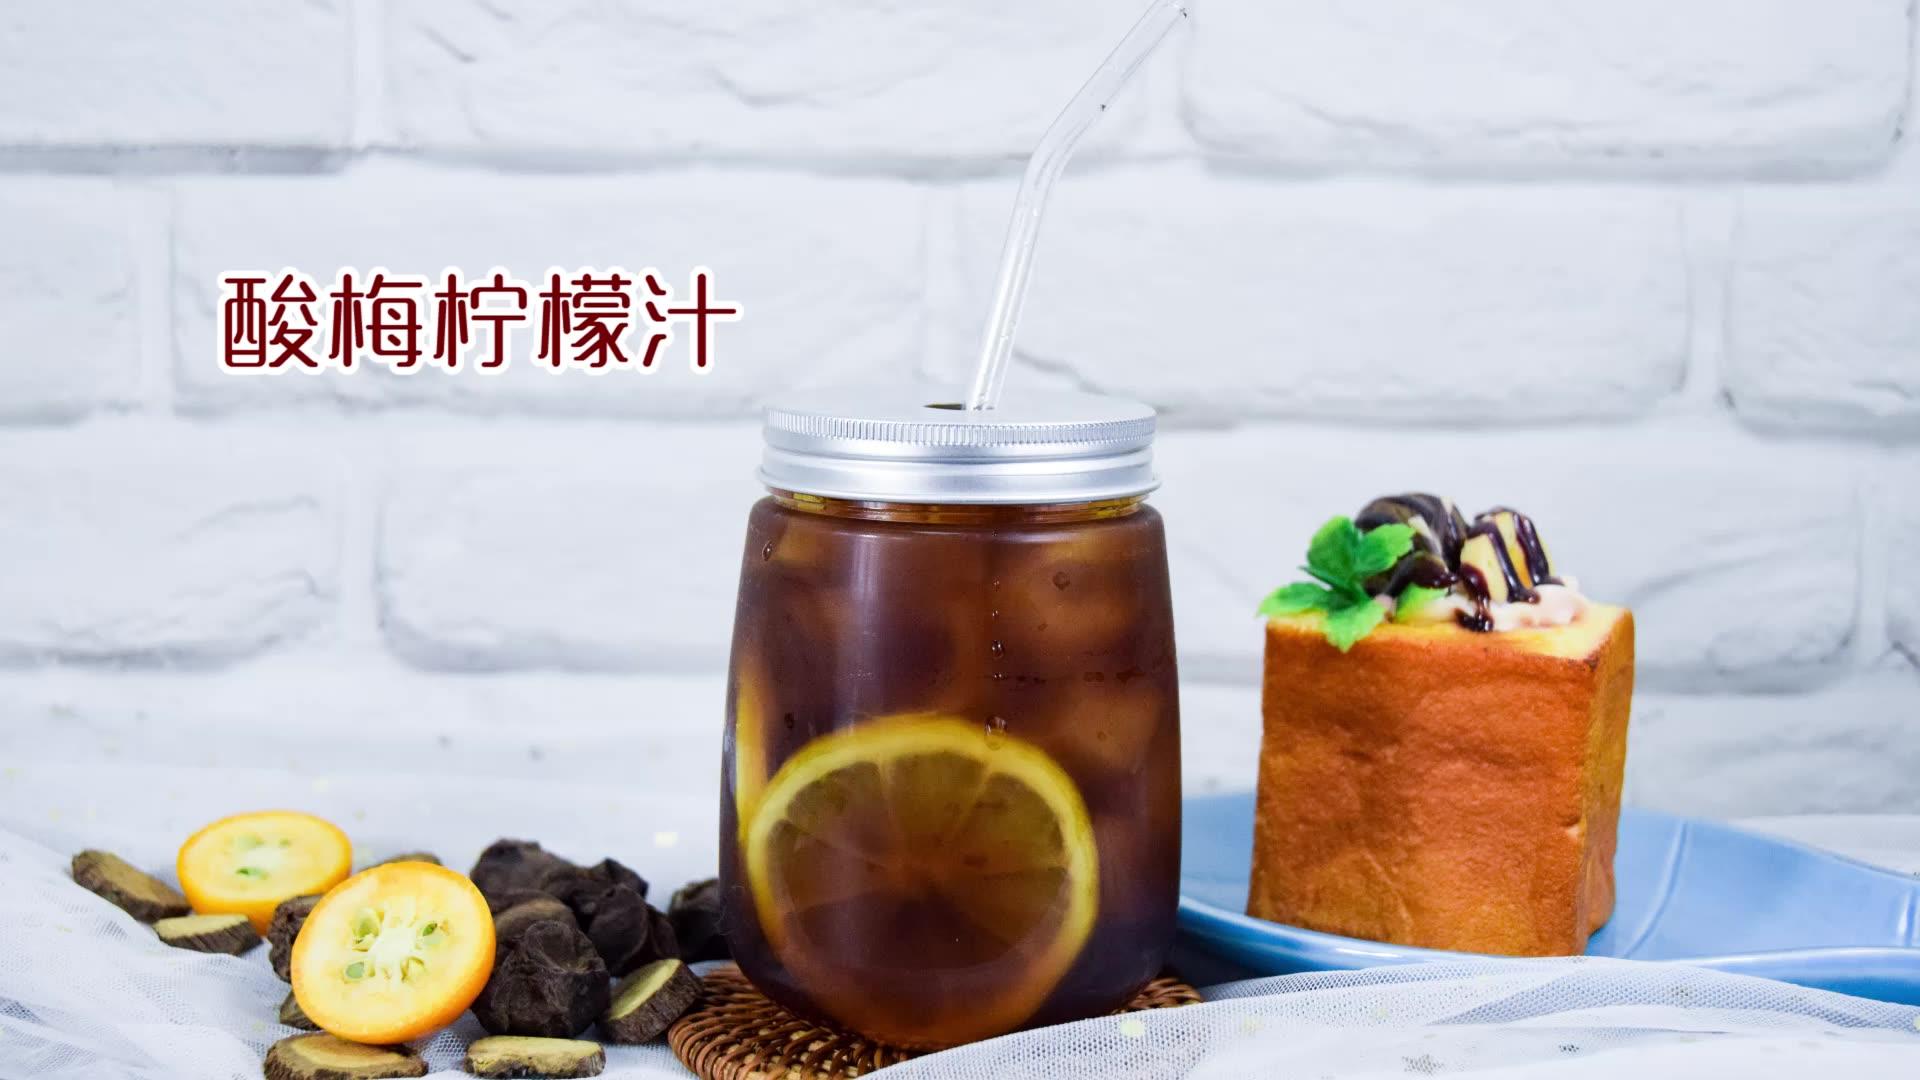 【廠家直供】食地酸梅膏 濃縮桂花酸梅湯烏梅汁 沖飲飲料商用原料